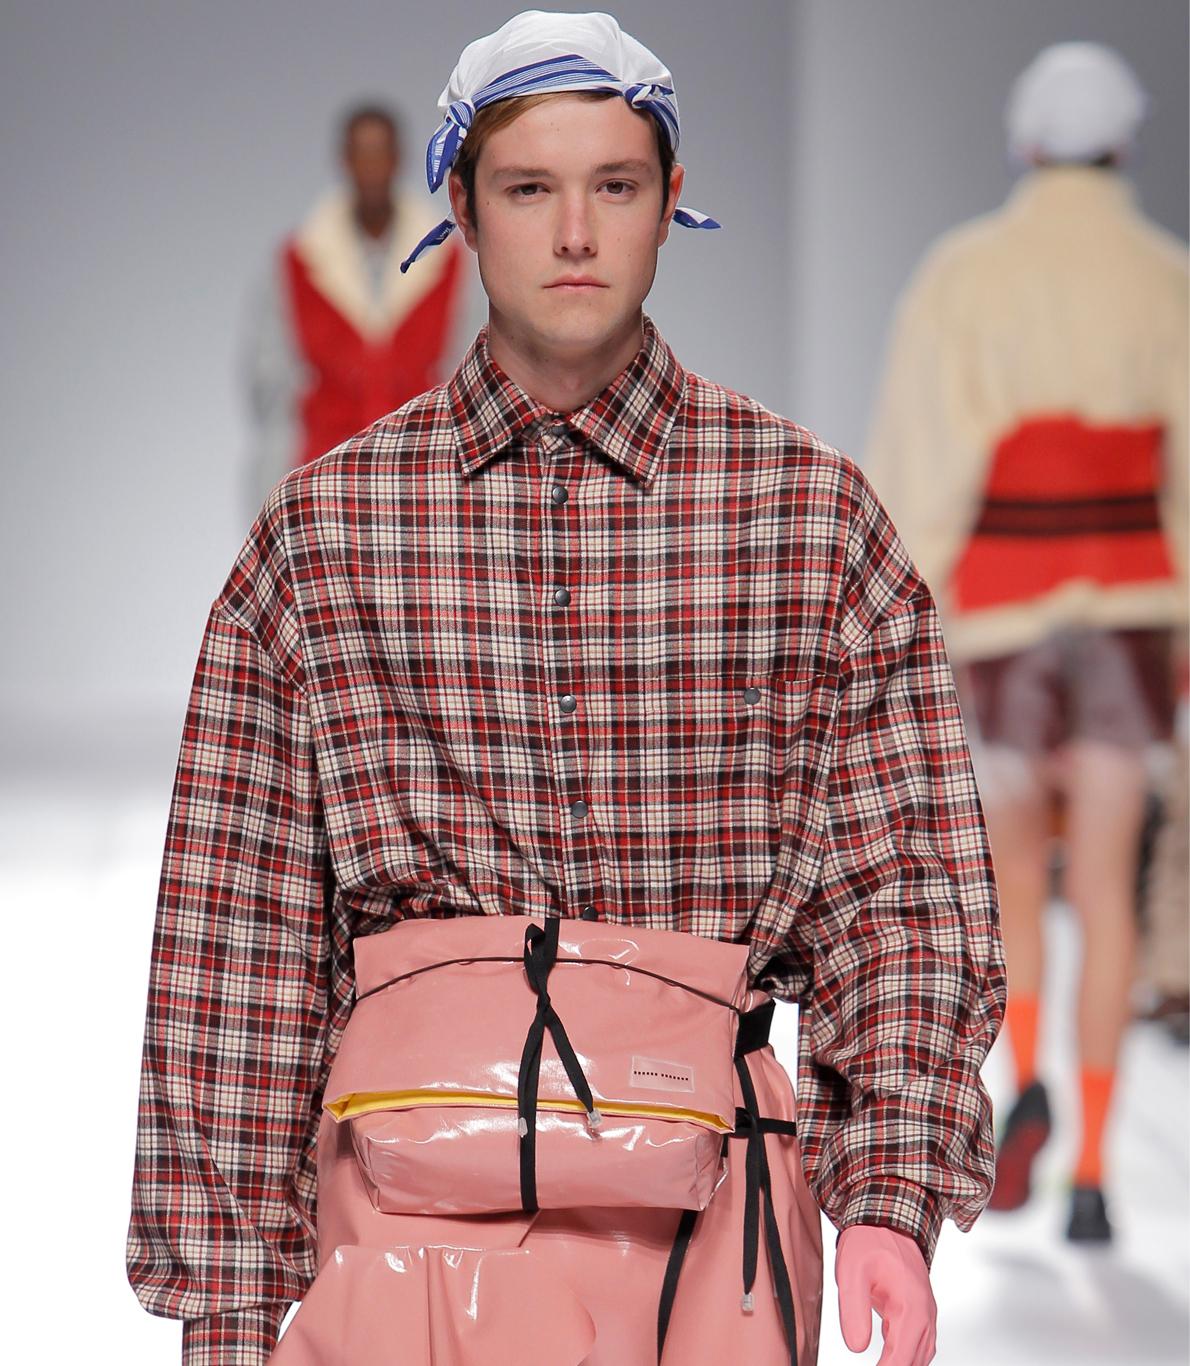 Modelo a desfilar com uma camisa de xadrez e uma bolsa à cintura em tons rosa. As calças laranjas e um lenço na cabelo completam o look.